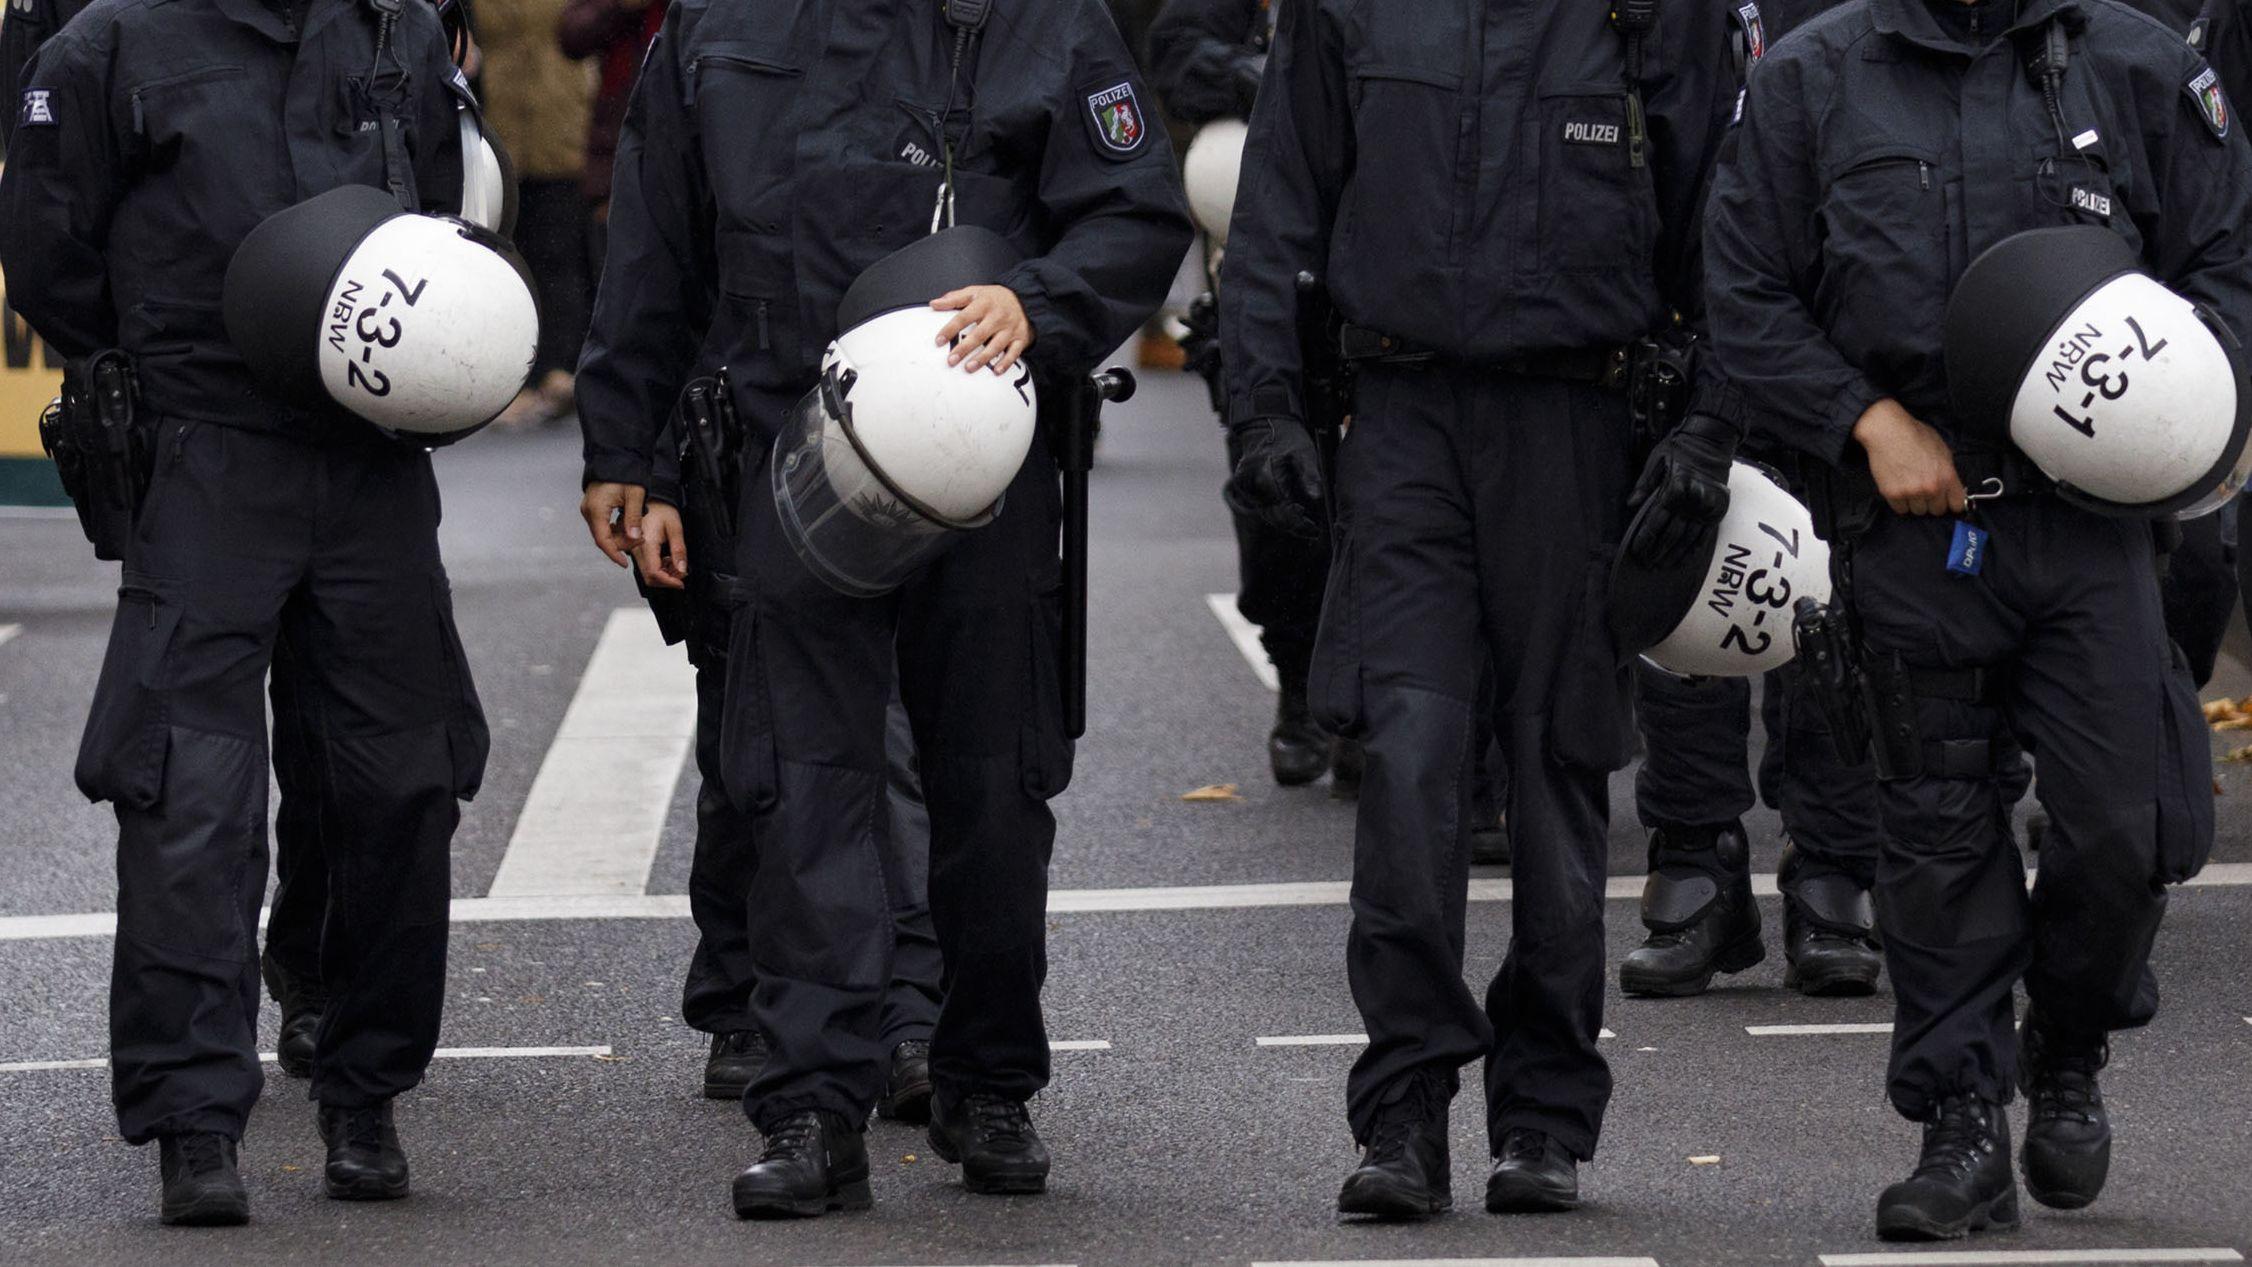 Polizeibeamte gehen vor Demonstranten her (Symbolbild)